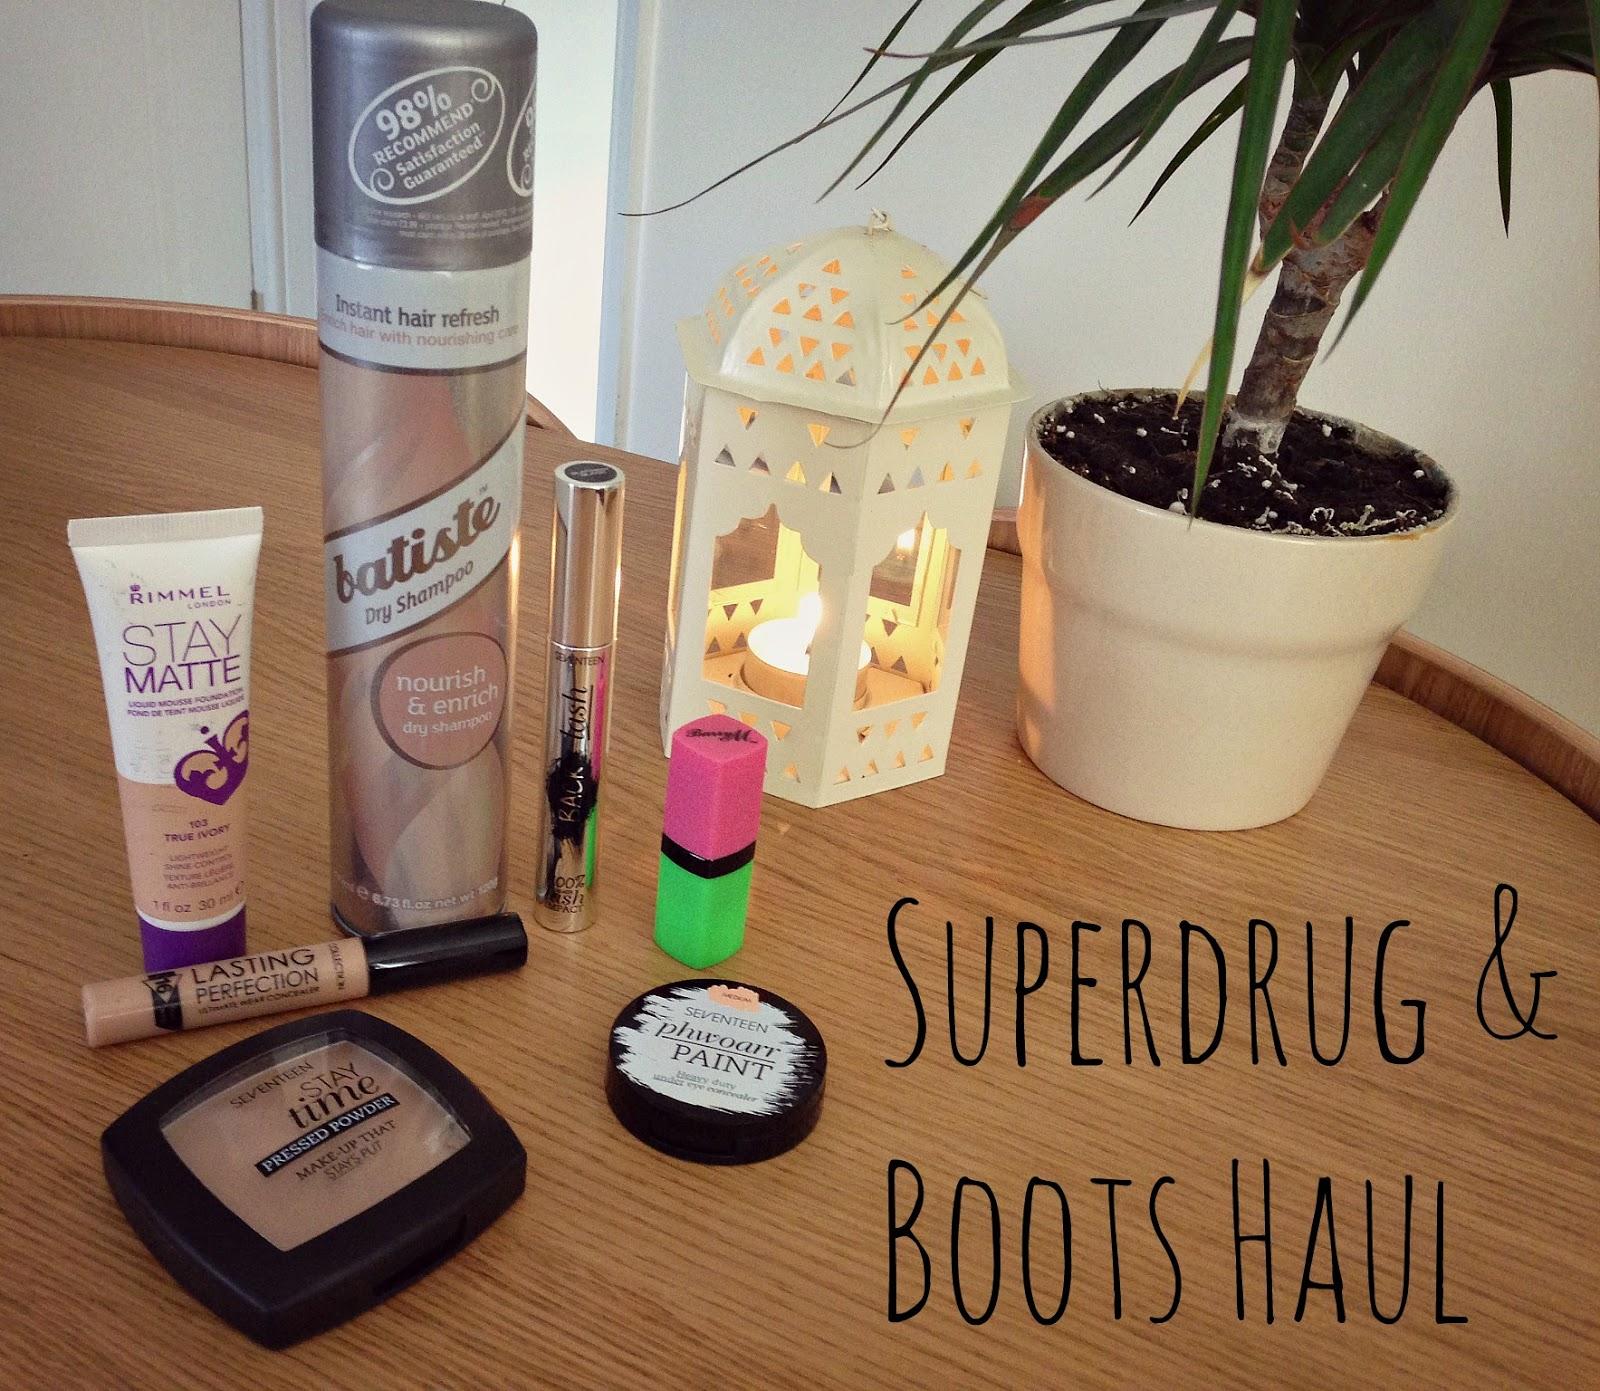 superdrug boots haul